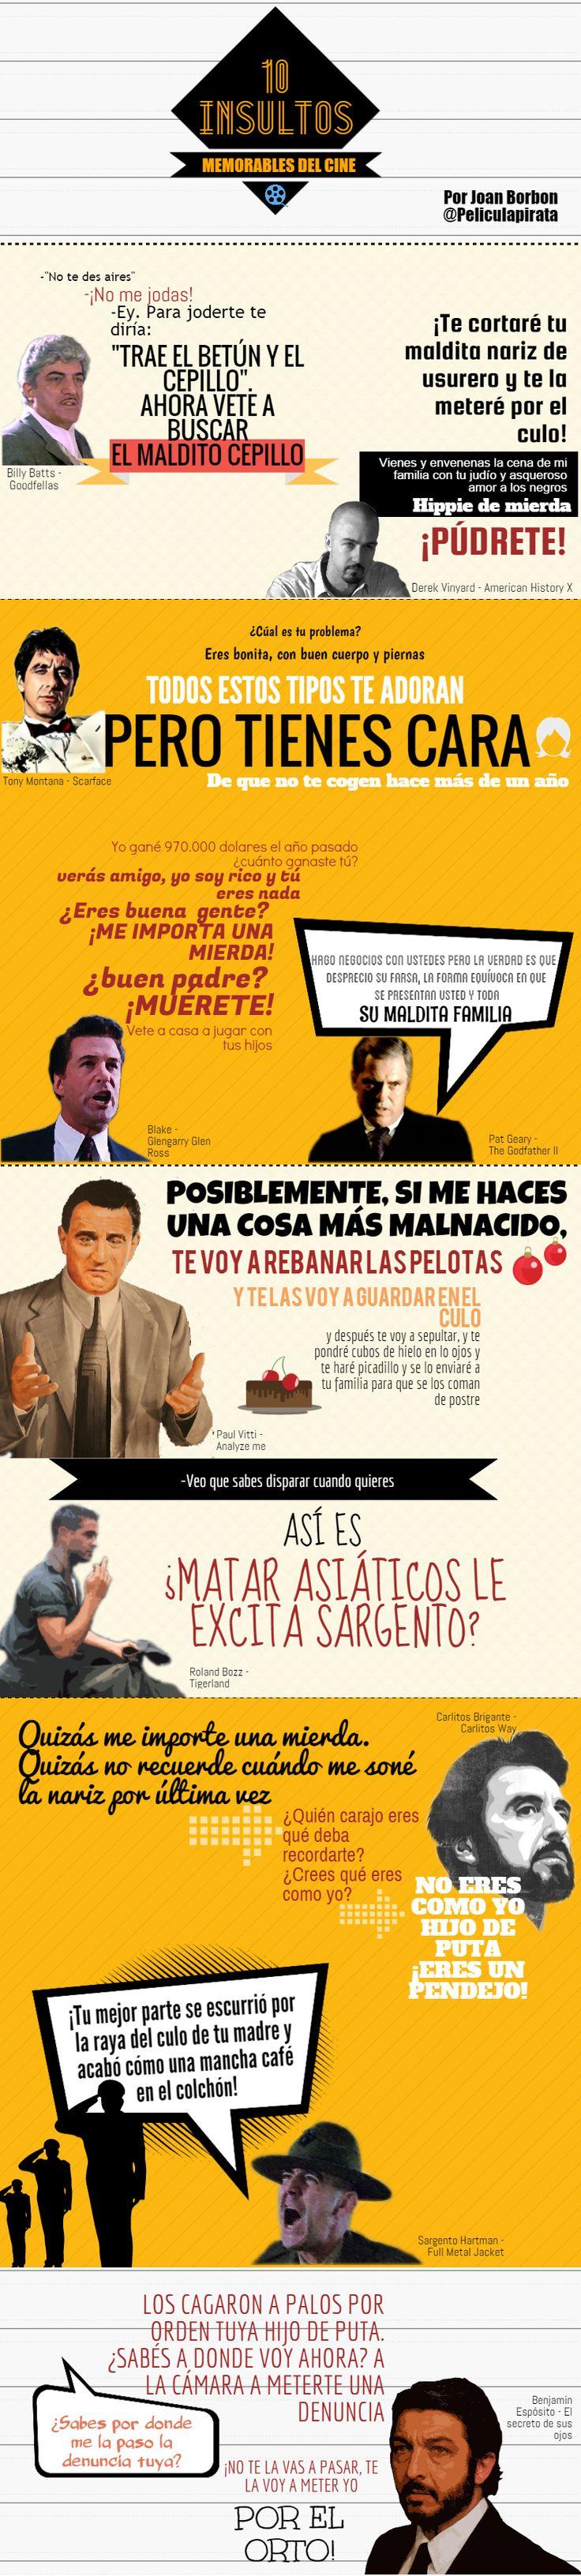 Infografía de insultos del cine. Frases de cine. Robert De Niro, Al Pacino y Edward Norton